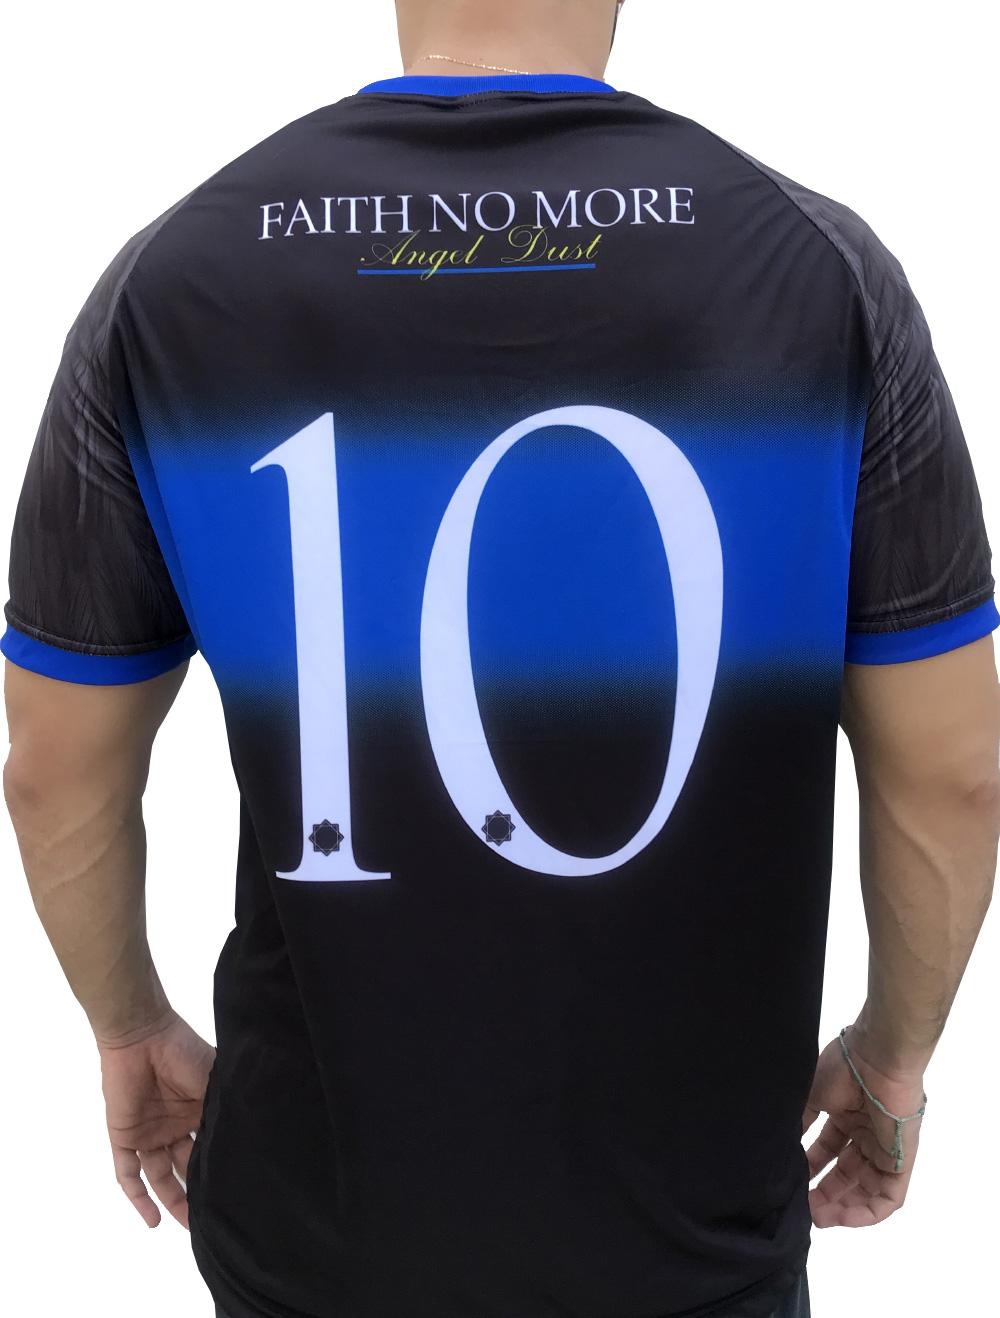 CAMISA DE FUTEBOL FAITH NO MORE